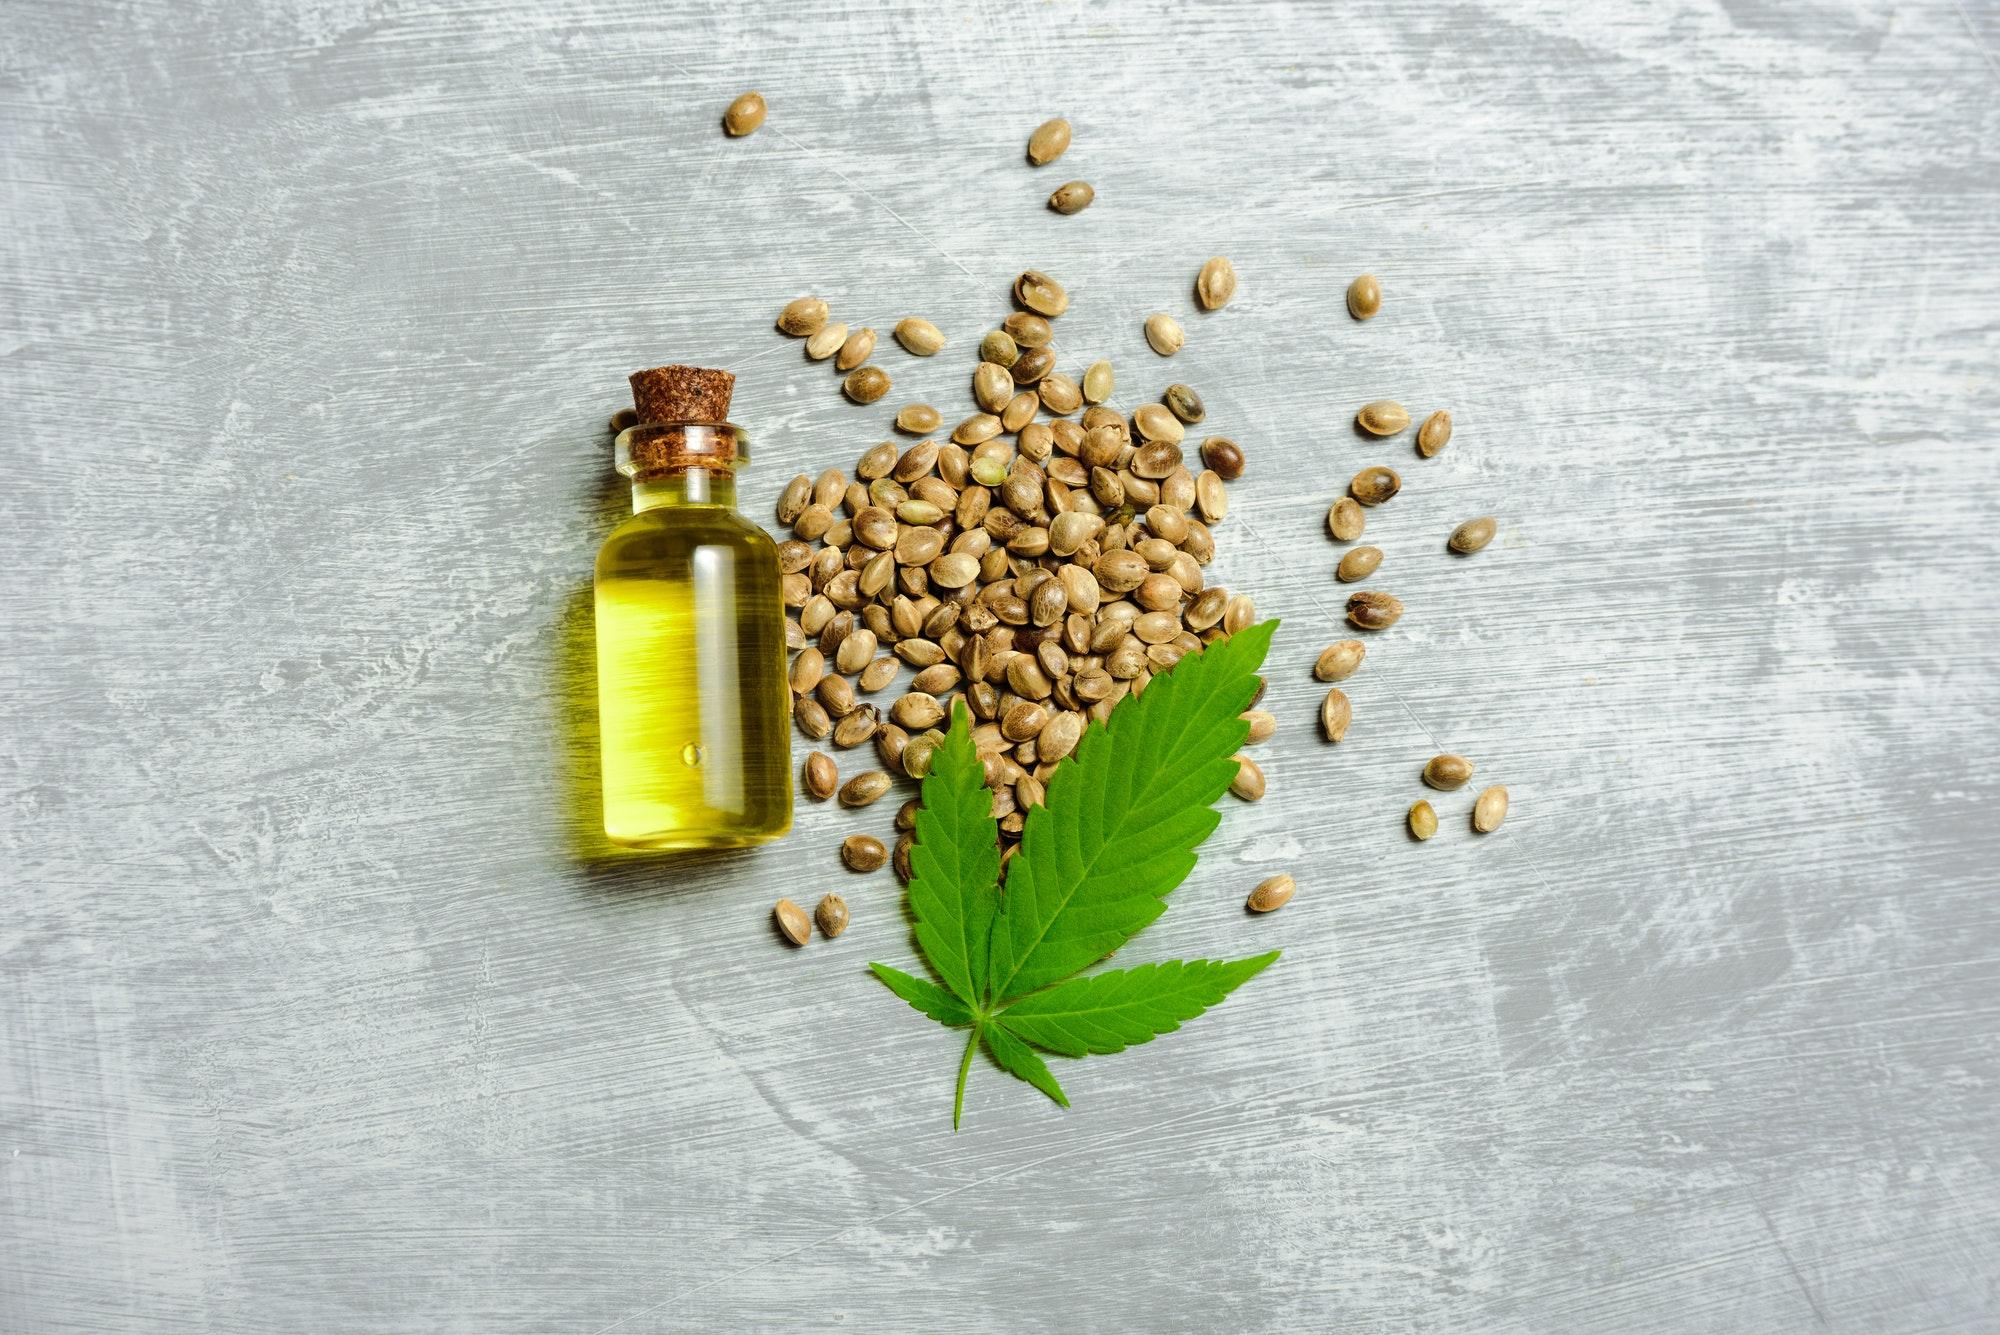 Comment consommer de l'huile de chanvre